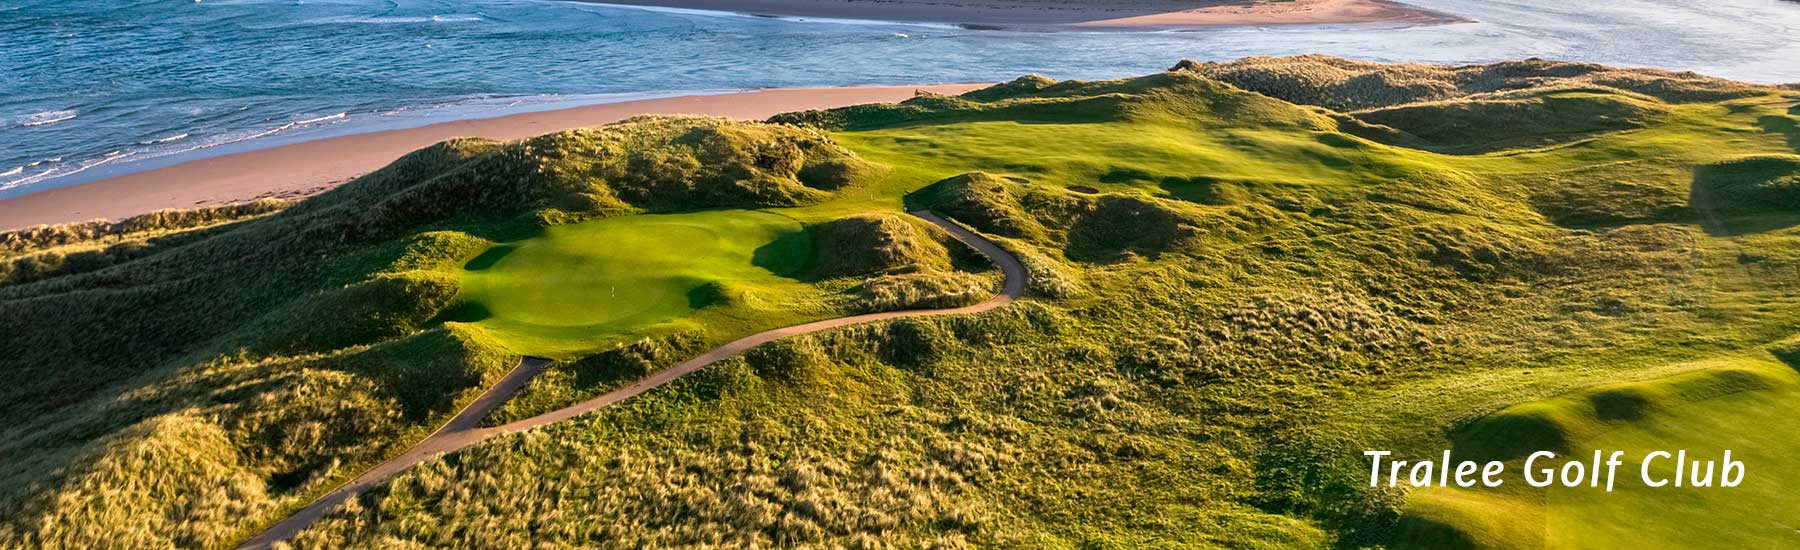 Low Handicap Golf in Ireland